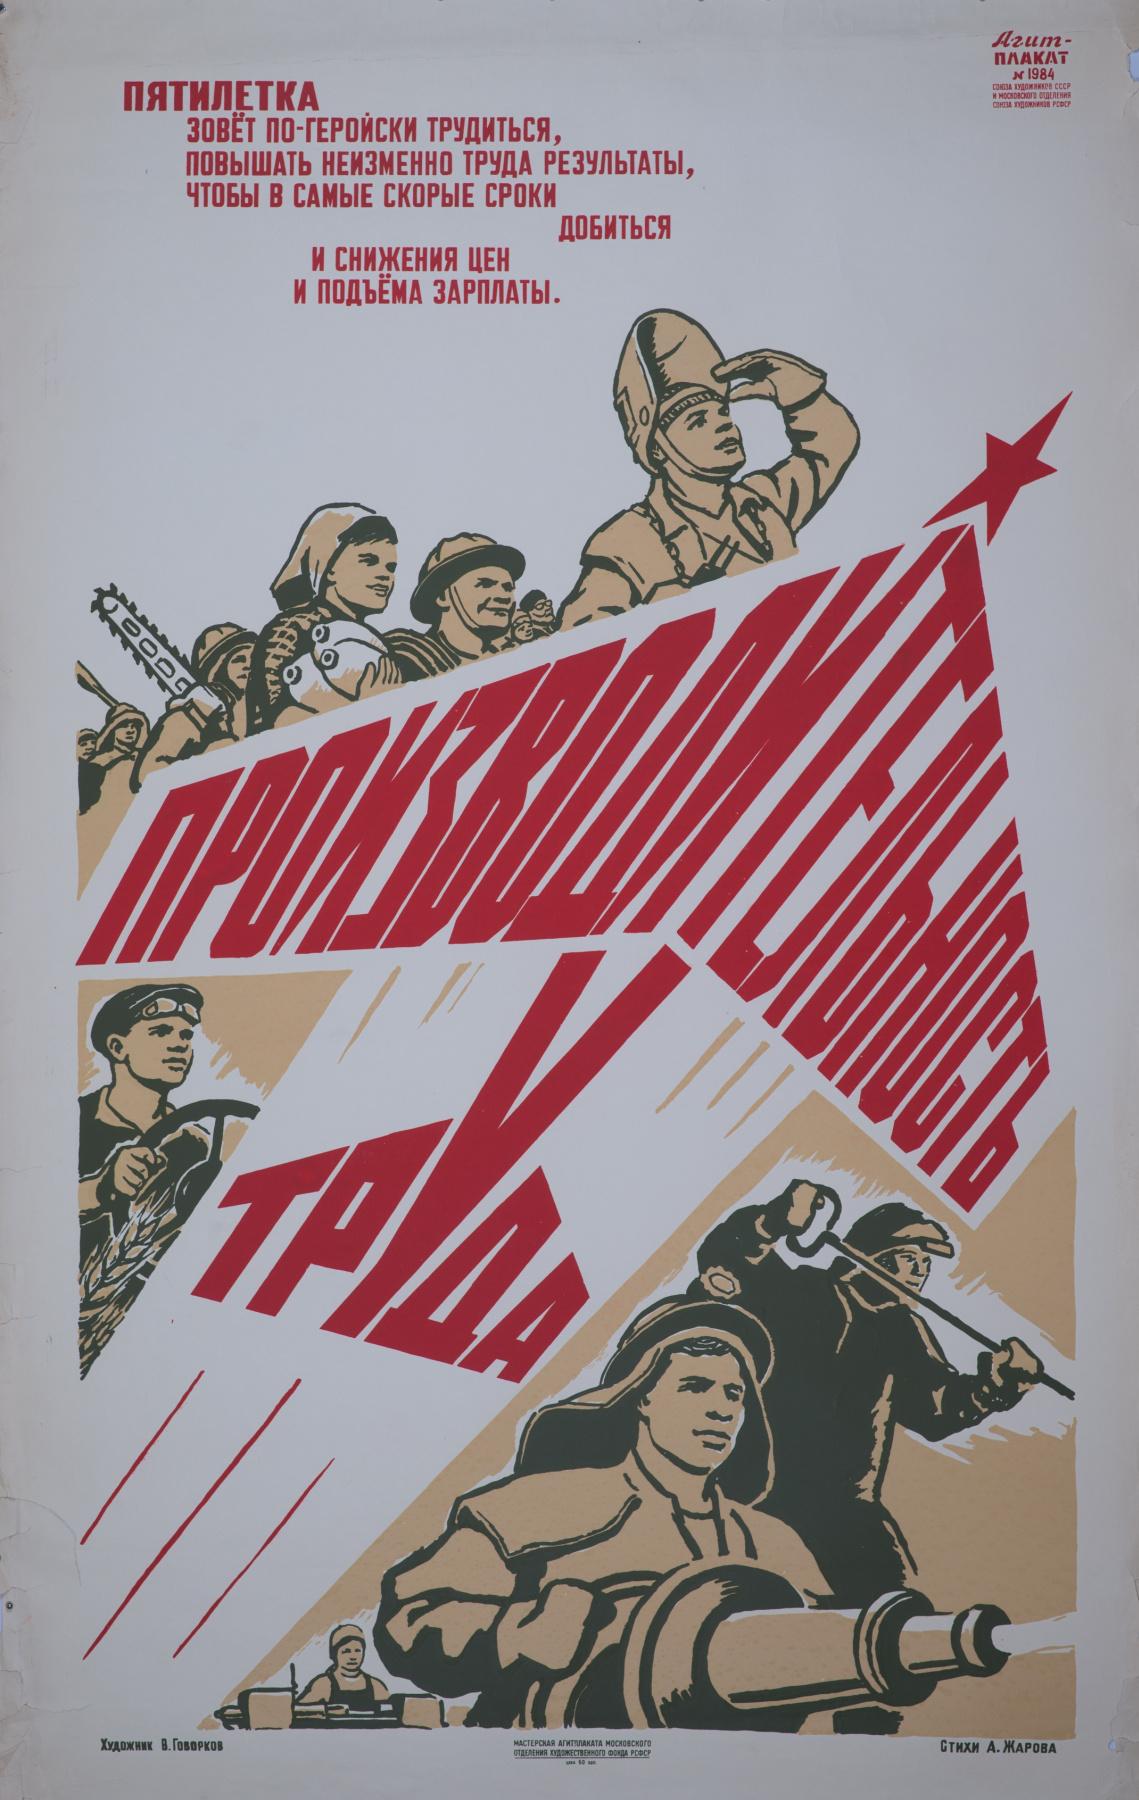 Victor Ivanovich Govorkov. Productivity. The poster No. 1984